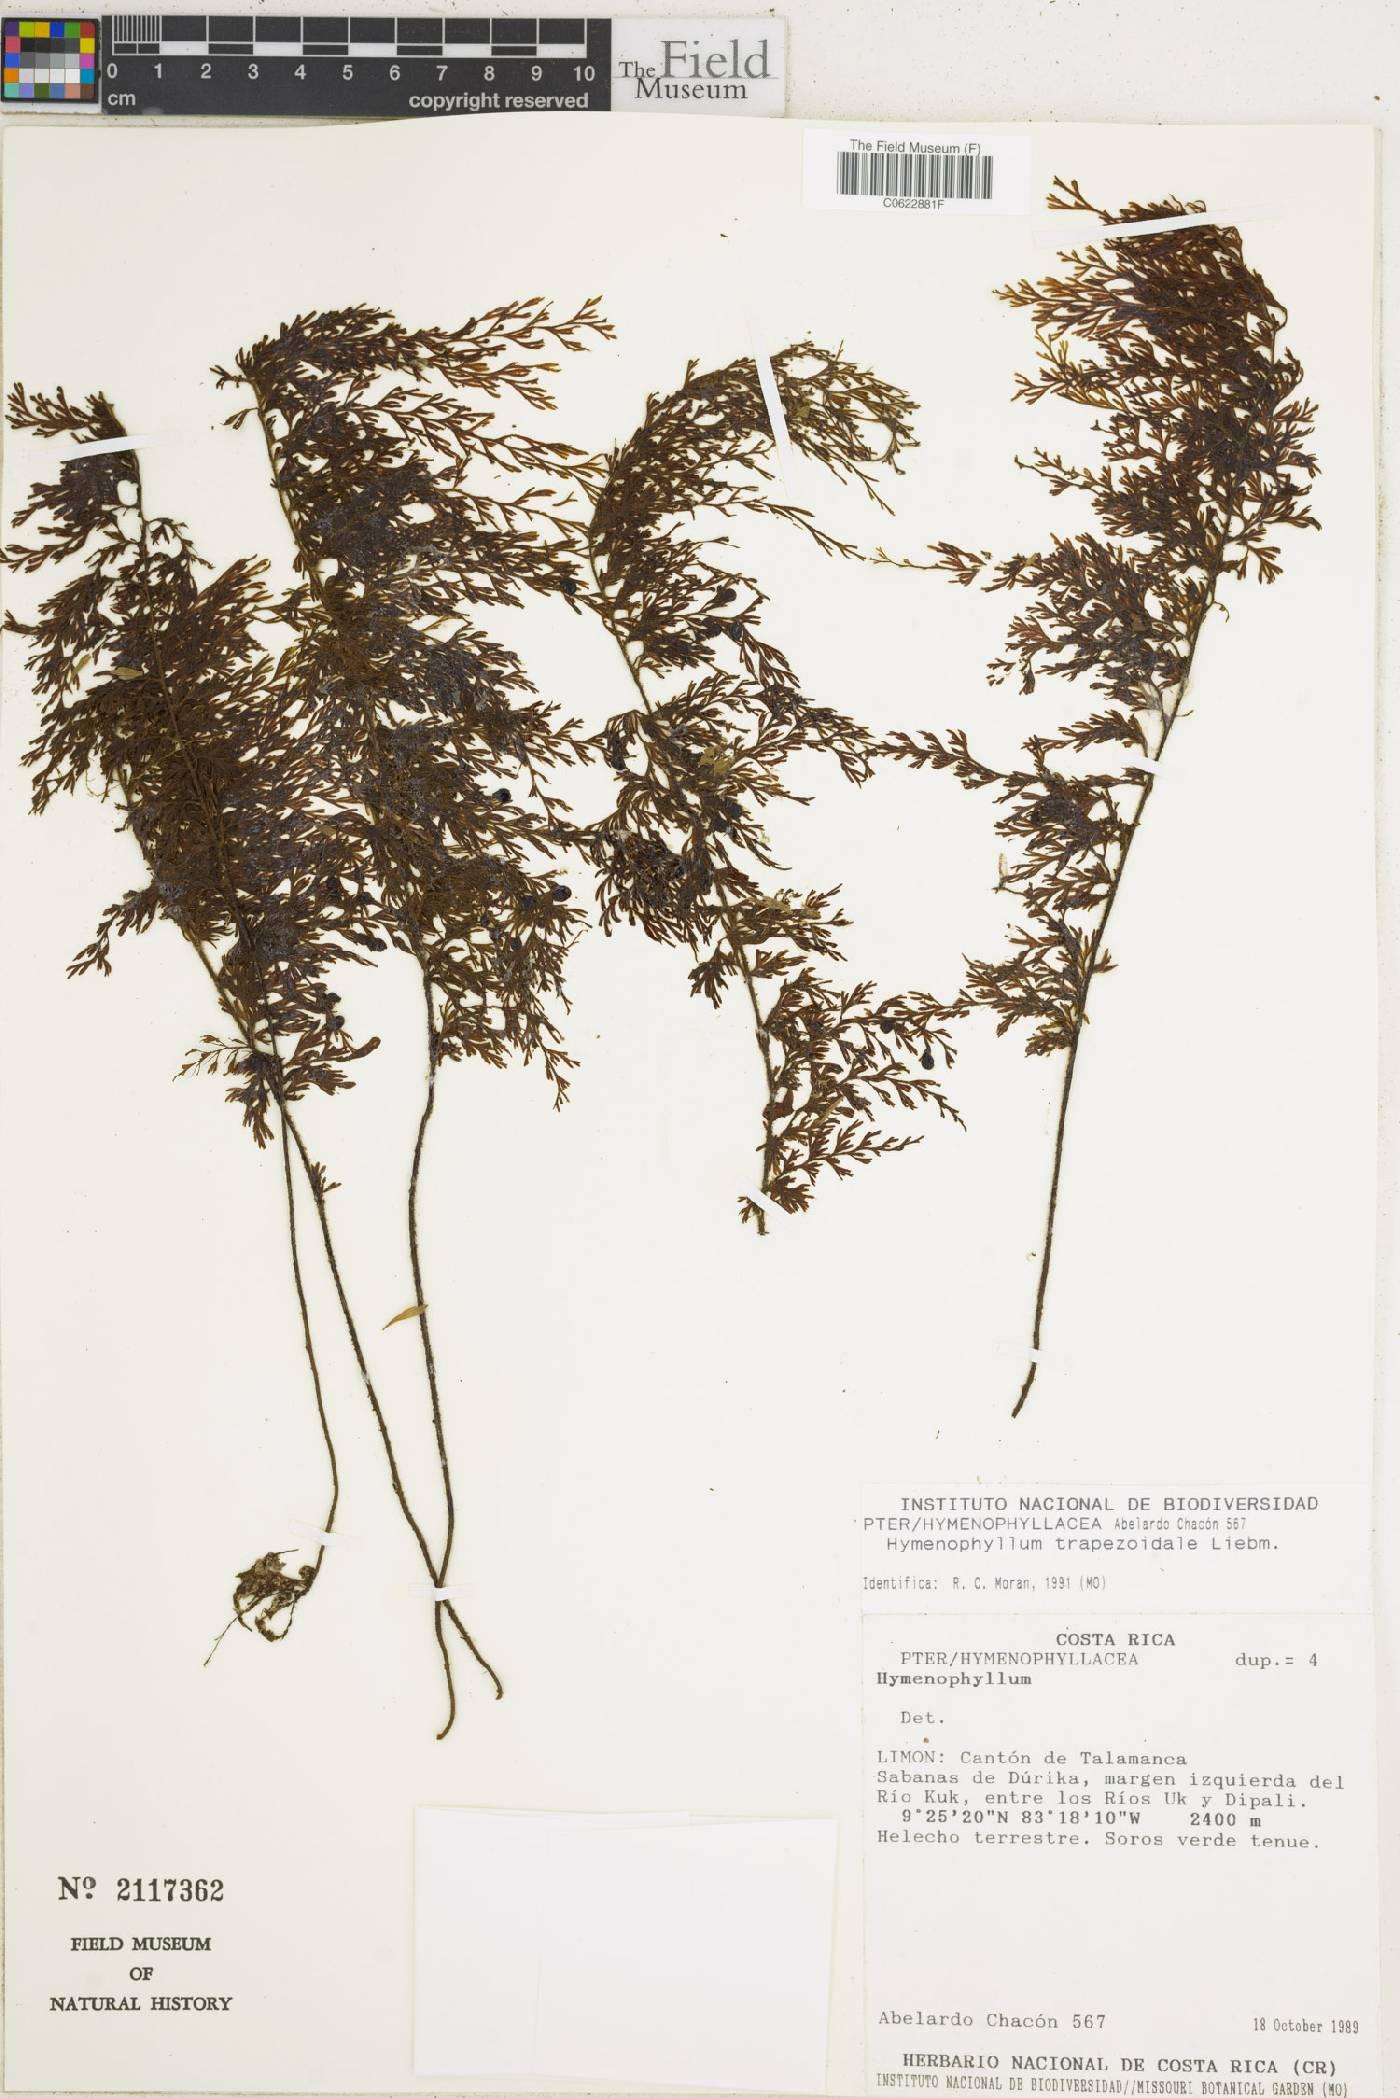 Hymenophyllum trapezoidale image